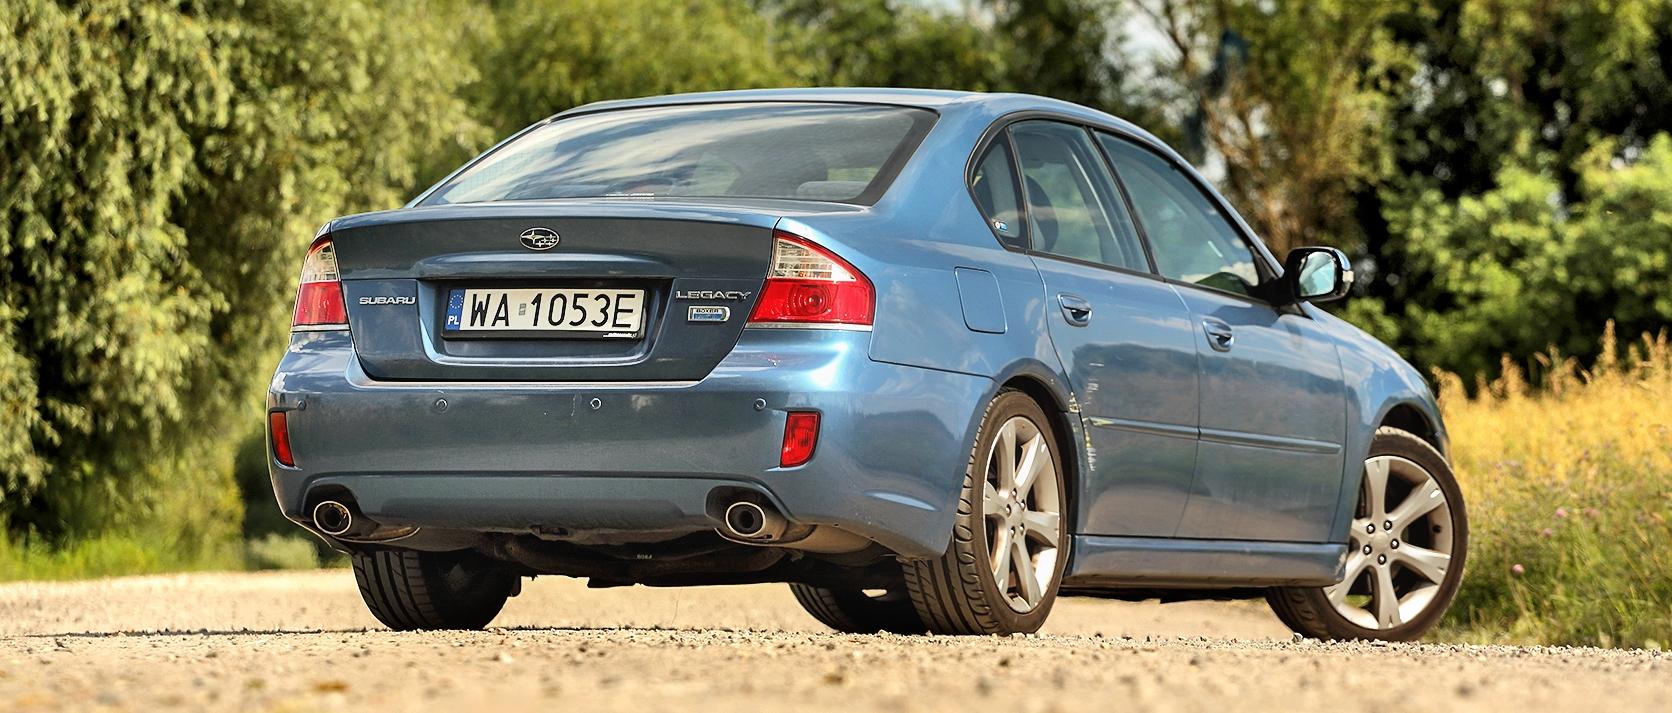 Subaru Legacy 2.0D sylwetka stojącego auta tył ibok